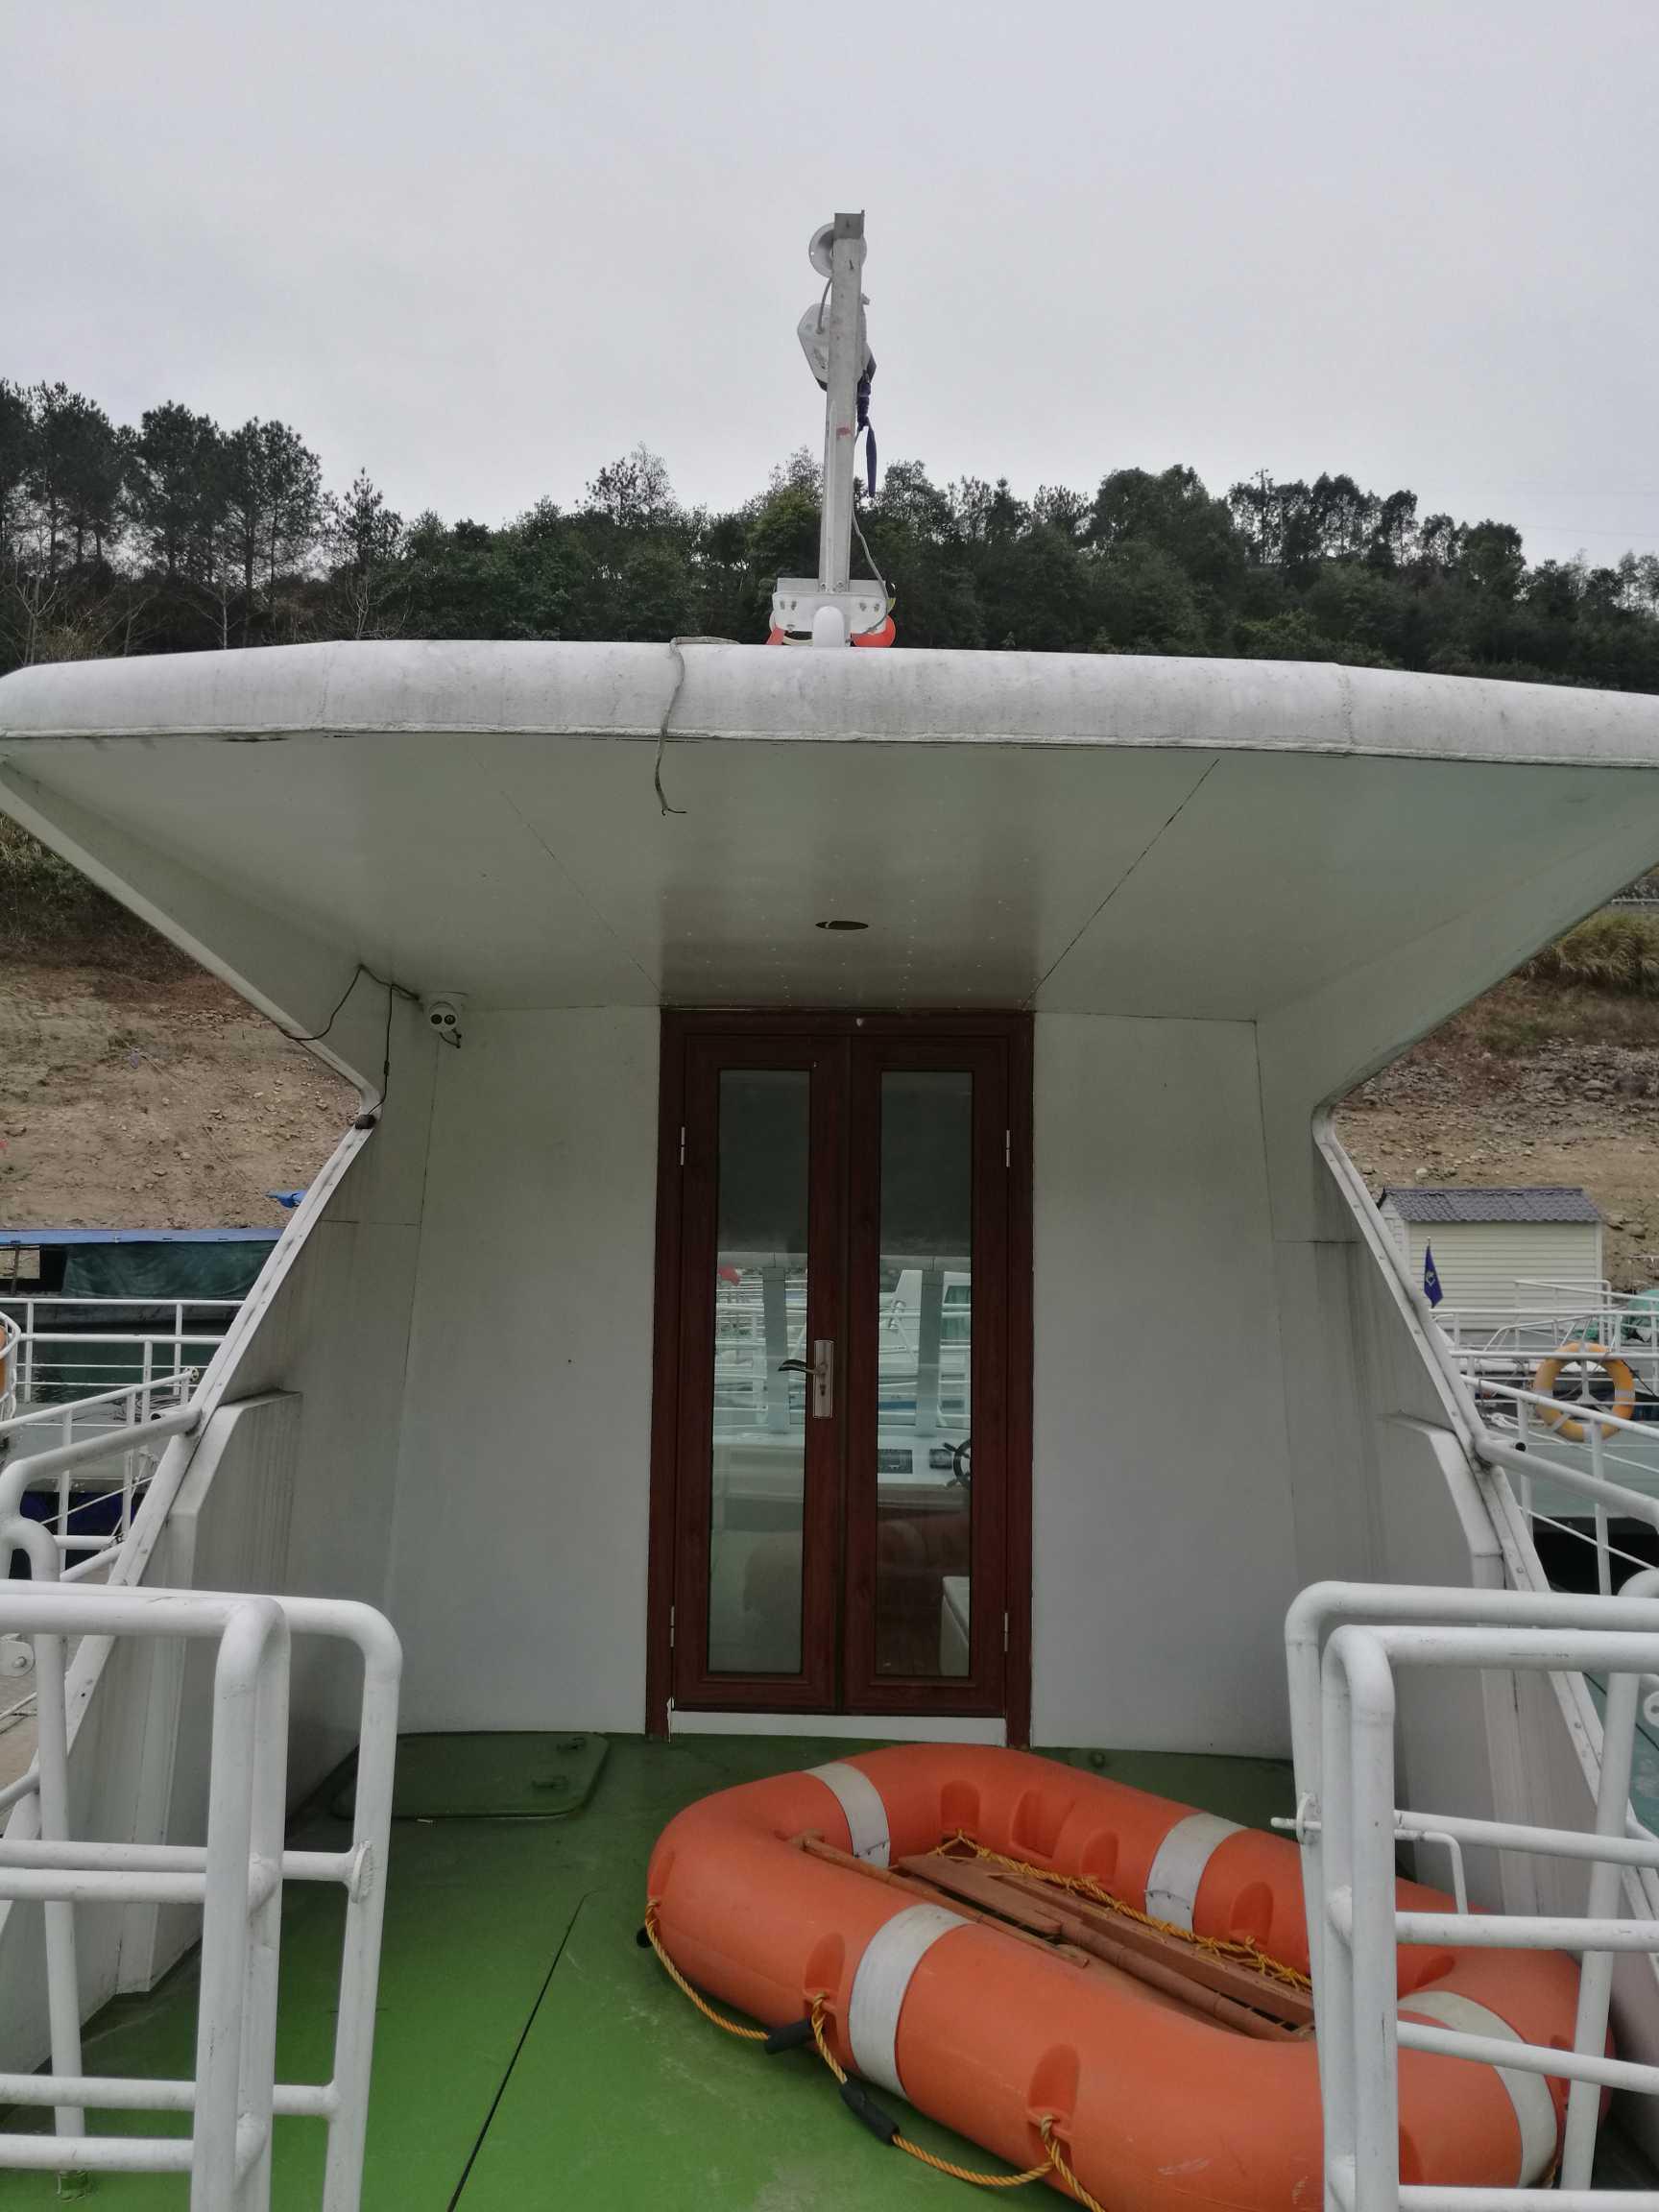 17年B级航区铝合金交通艇